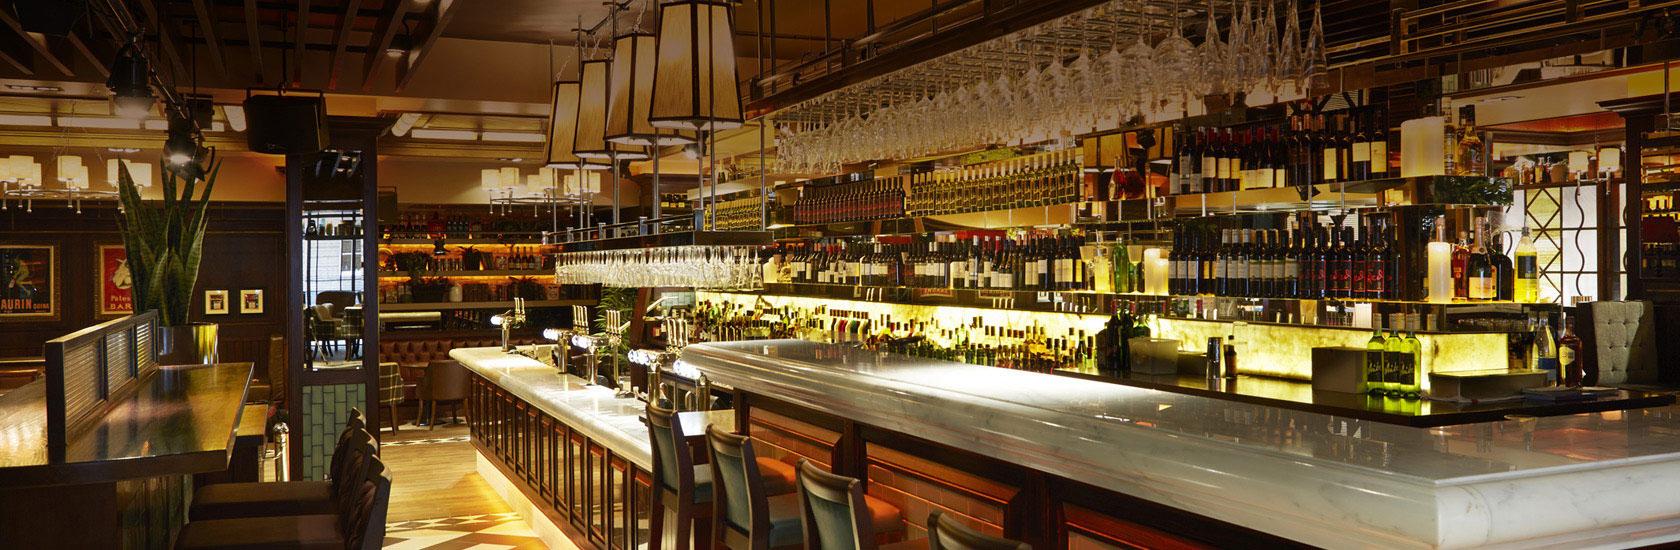 Harrys bar serving area